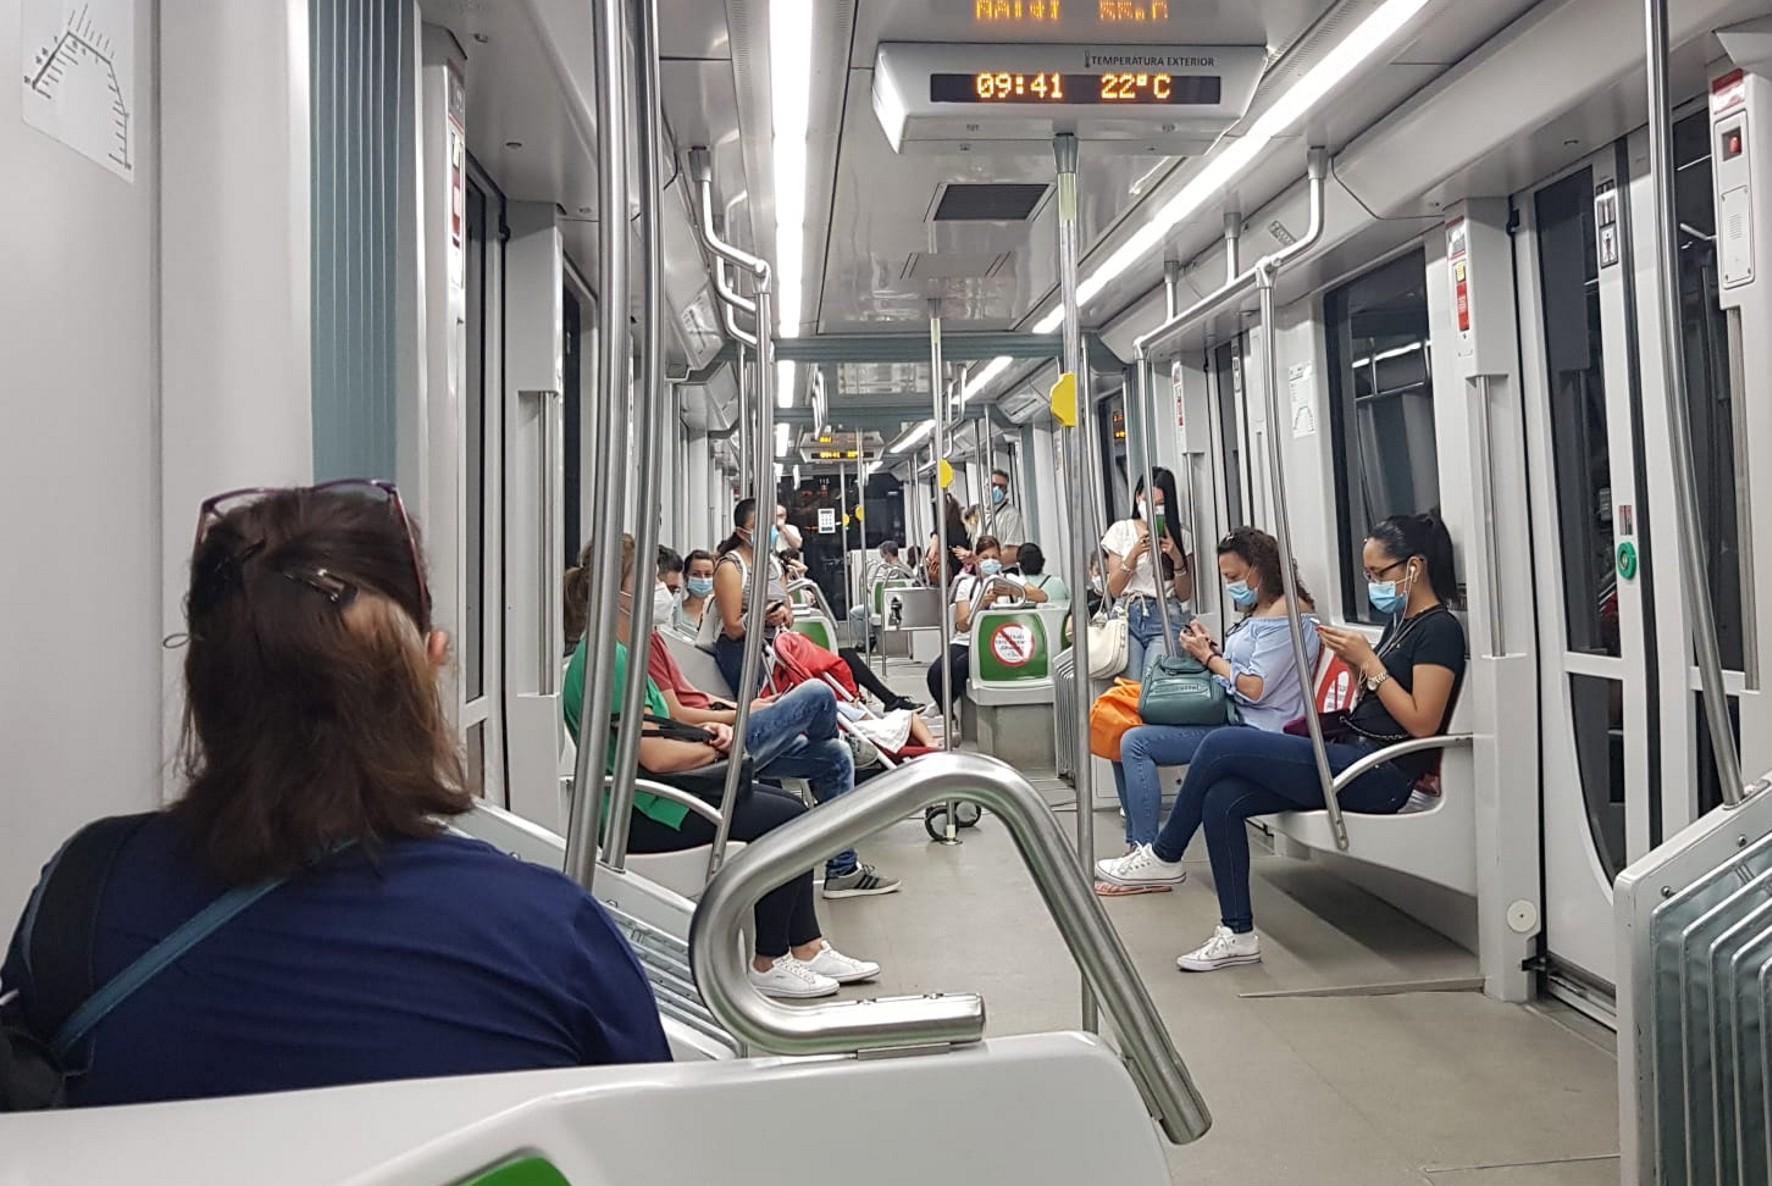 El uso de la mascarilla es obligatorio en el transporte público.